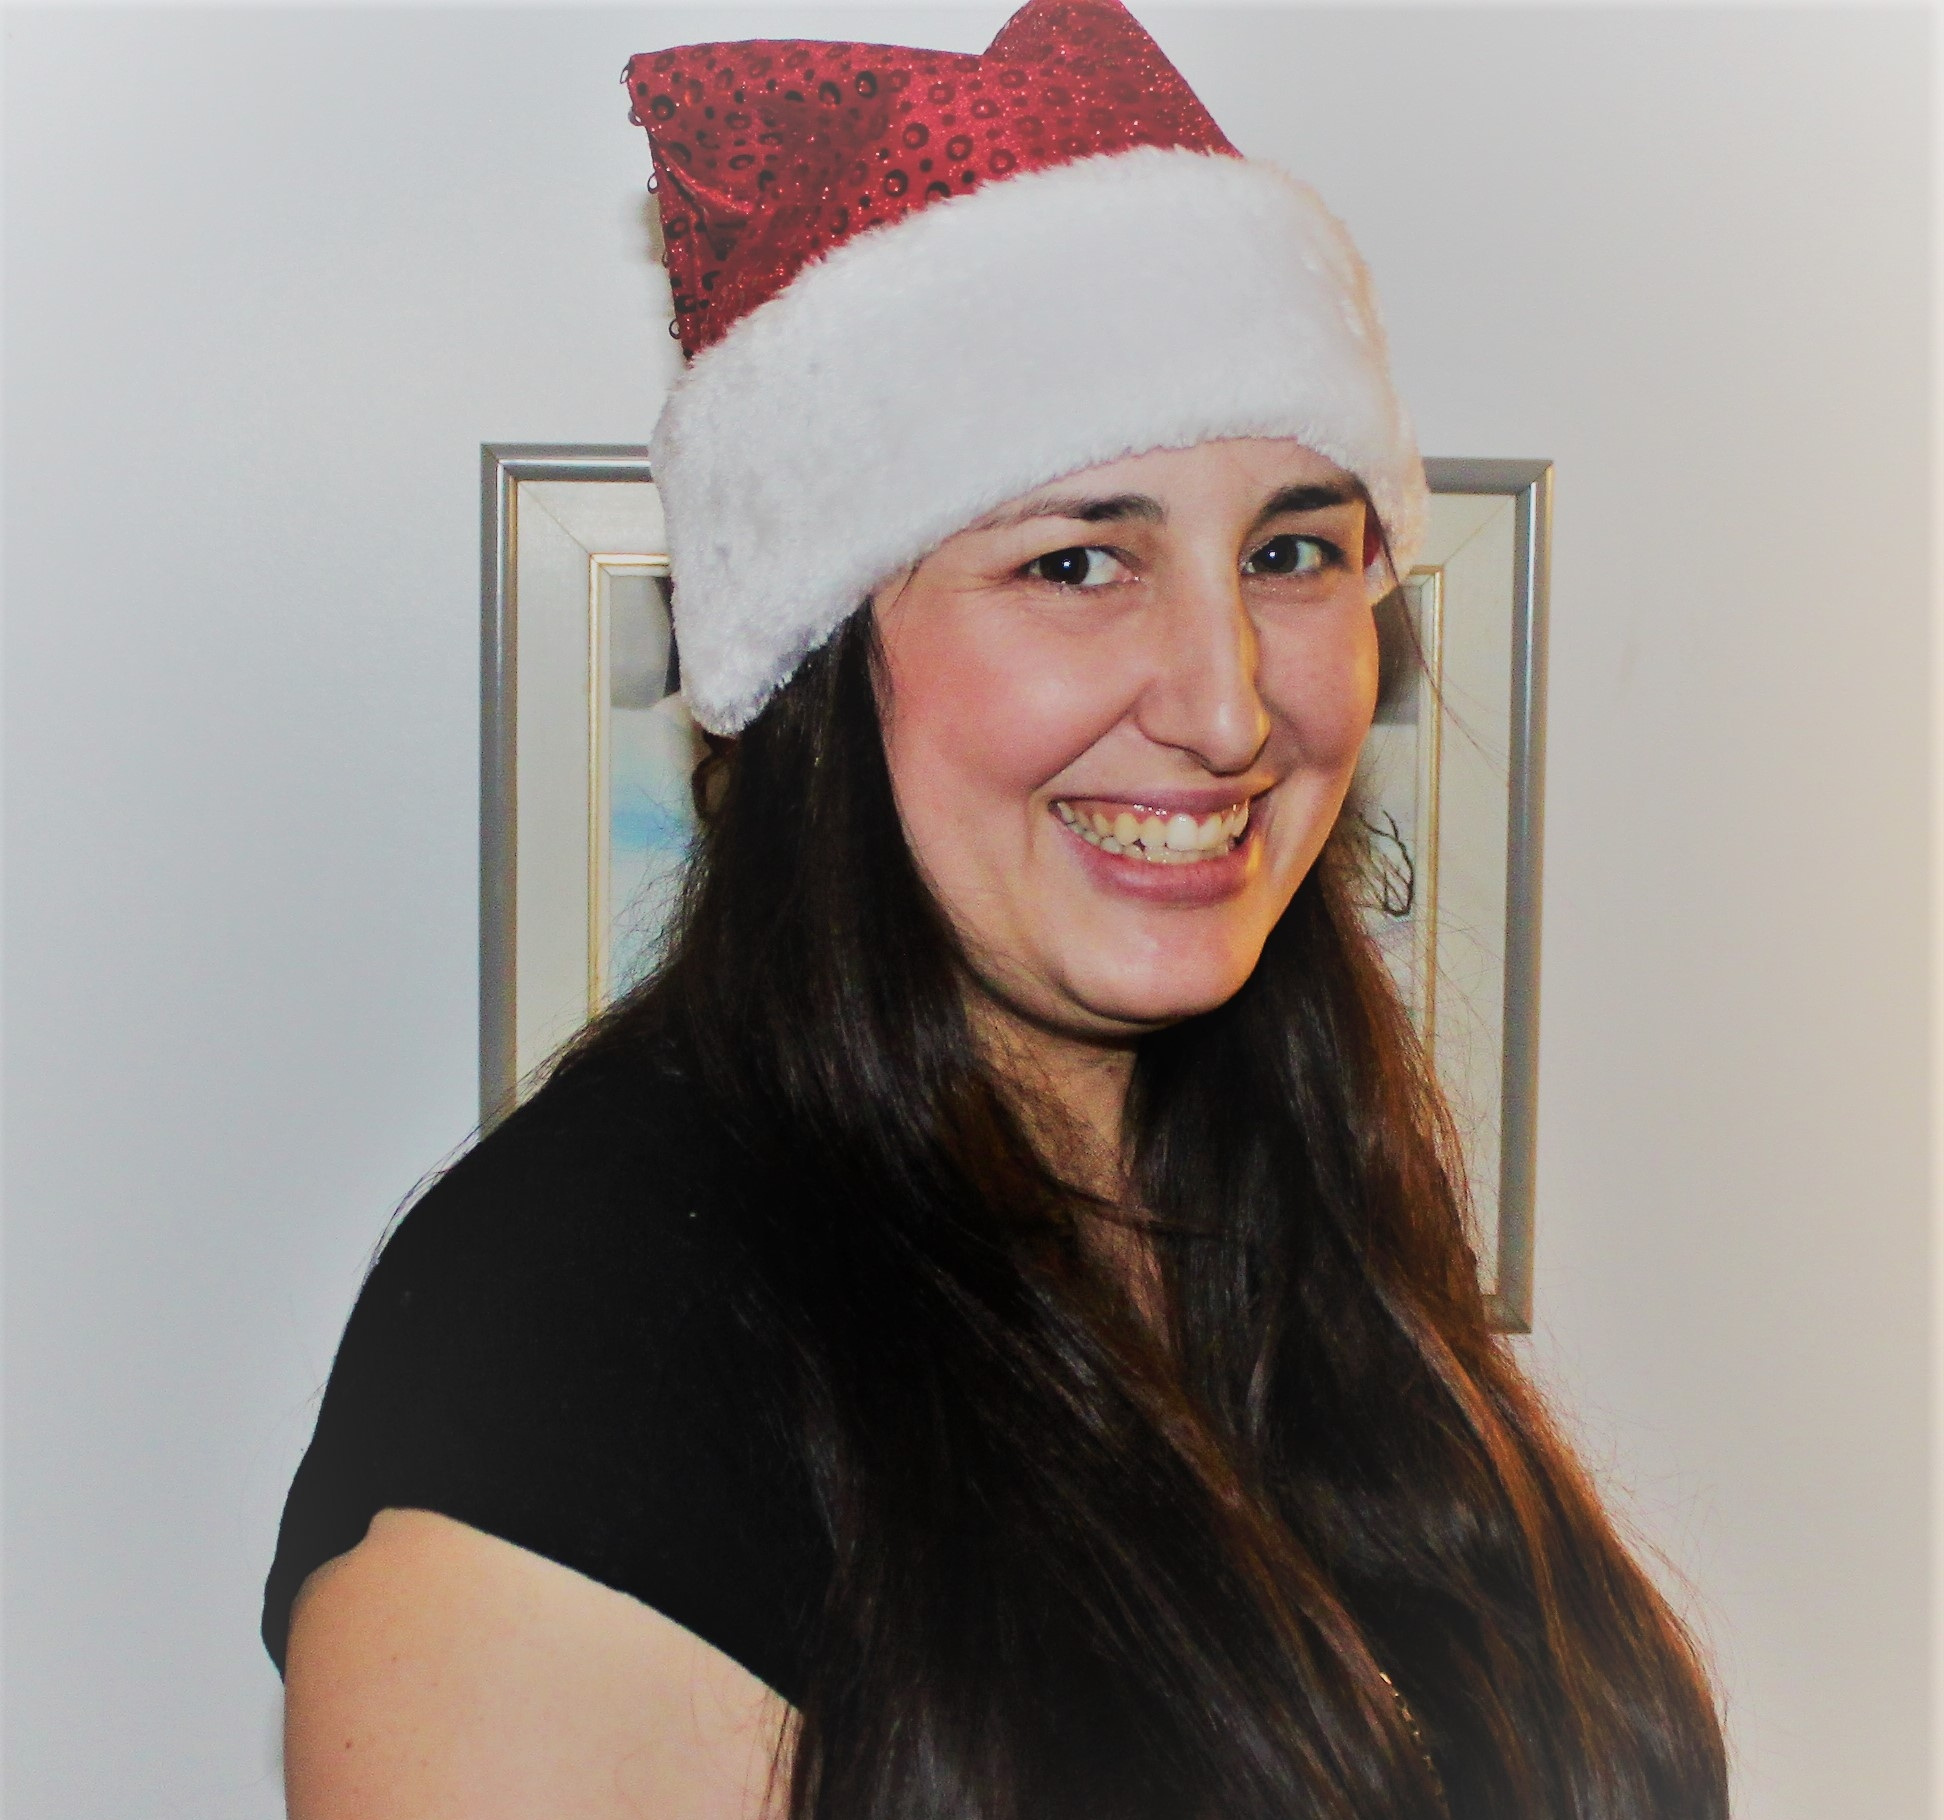 Jennifer Aubertin - Cofondatrice des Mères Noël et maman de quatre fabuleux enfants (enfin, la plupart du temps), Jennifer s'occupe, entre autres, d'appeler les familles afin de planifier les livraisons. Elle est aussi une cuisinière hors pair qui régale ses clients grâce aux magnifiques conserves de Maman à la maison fait des pots masson.